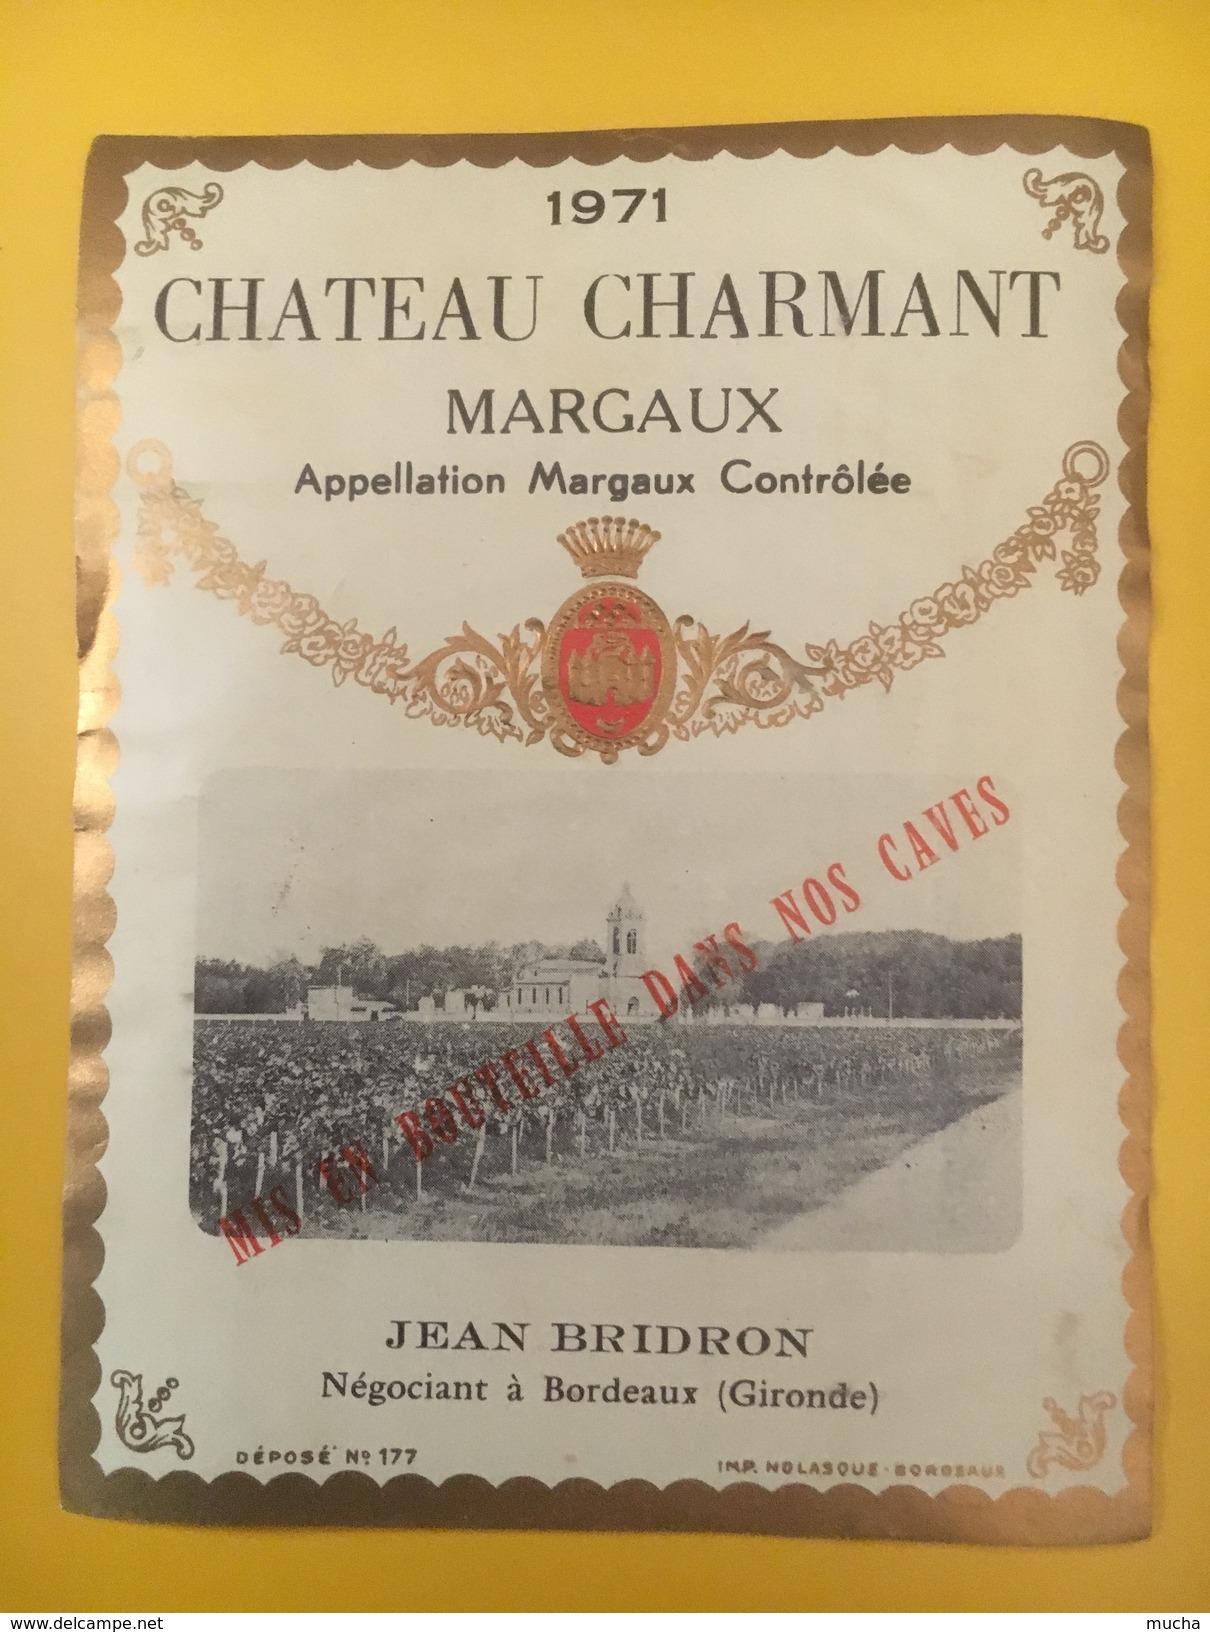 2796 - Château Charmant 1971 Margaux - Bordeaux